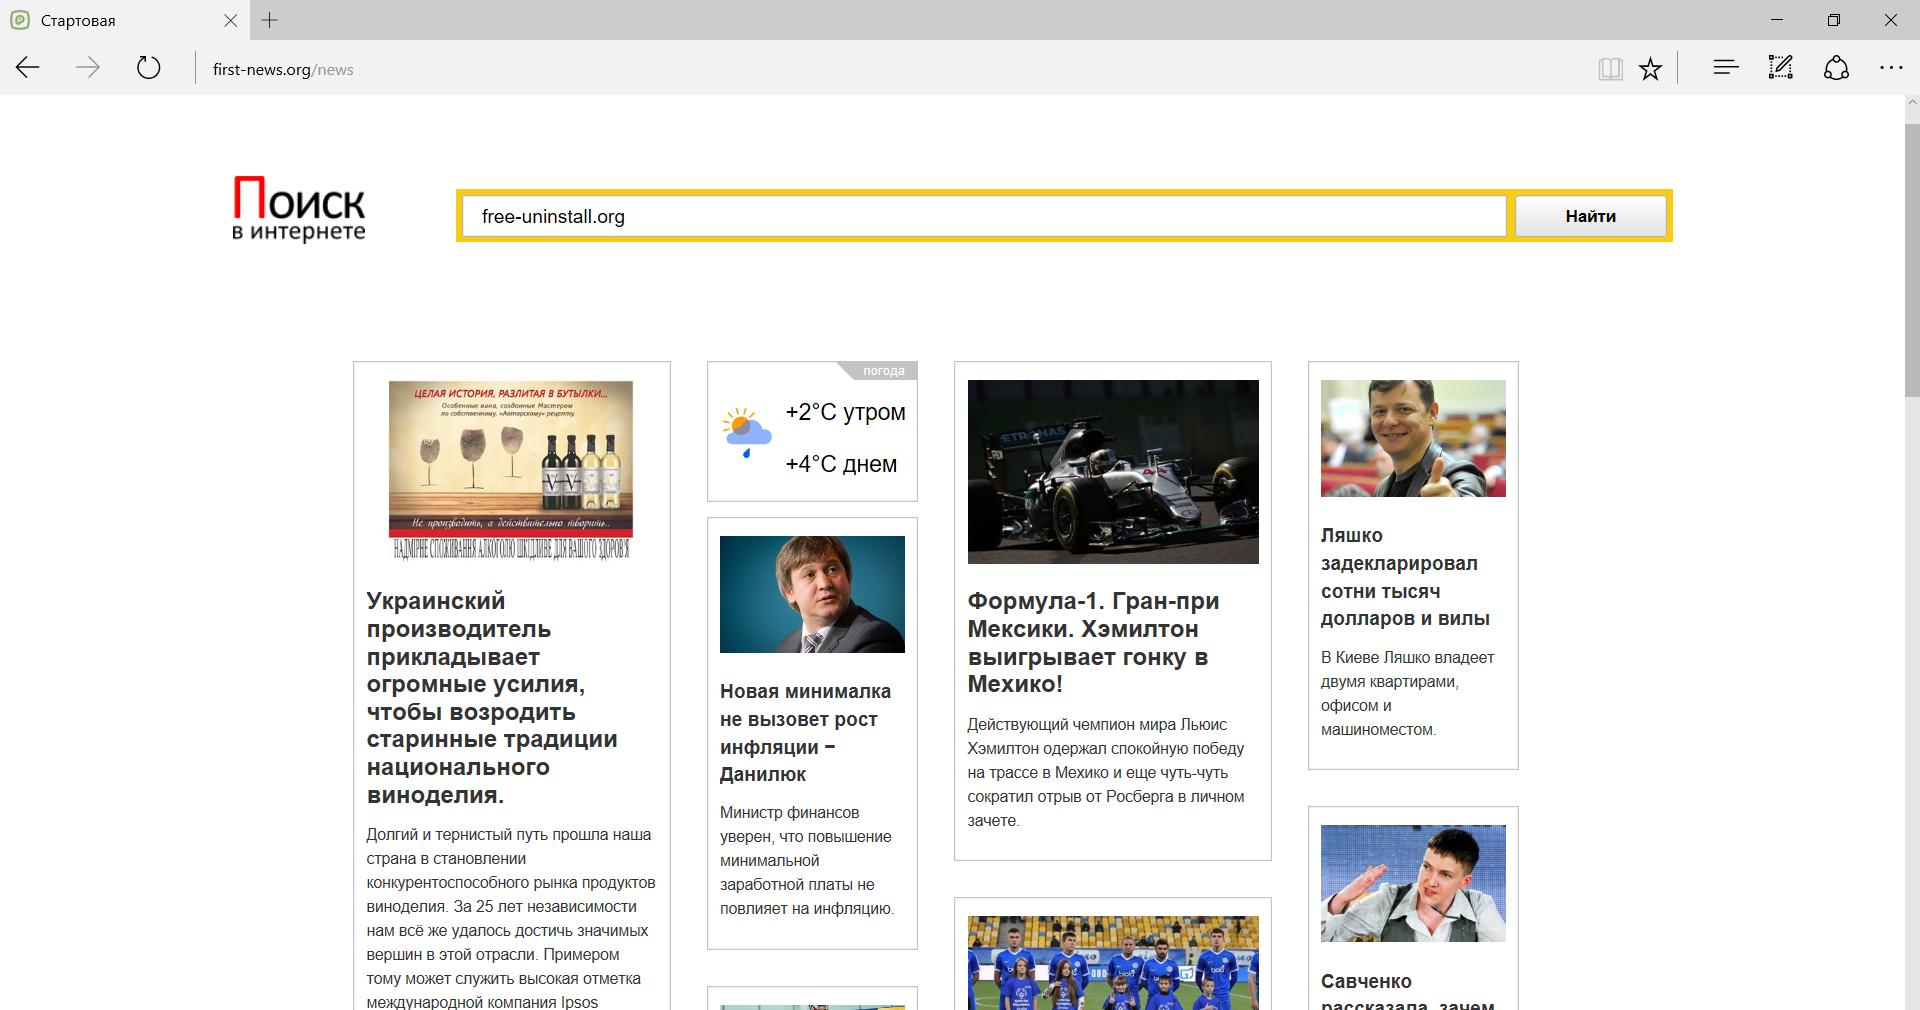 First-news.org Hijacker